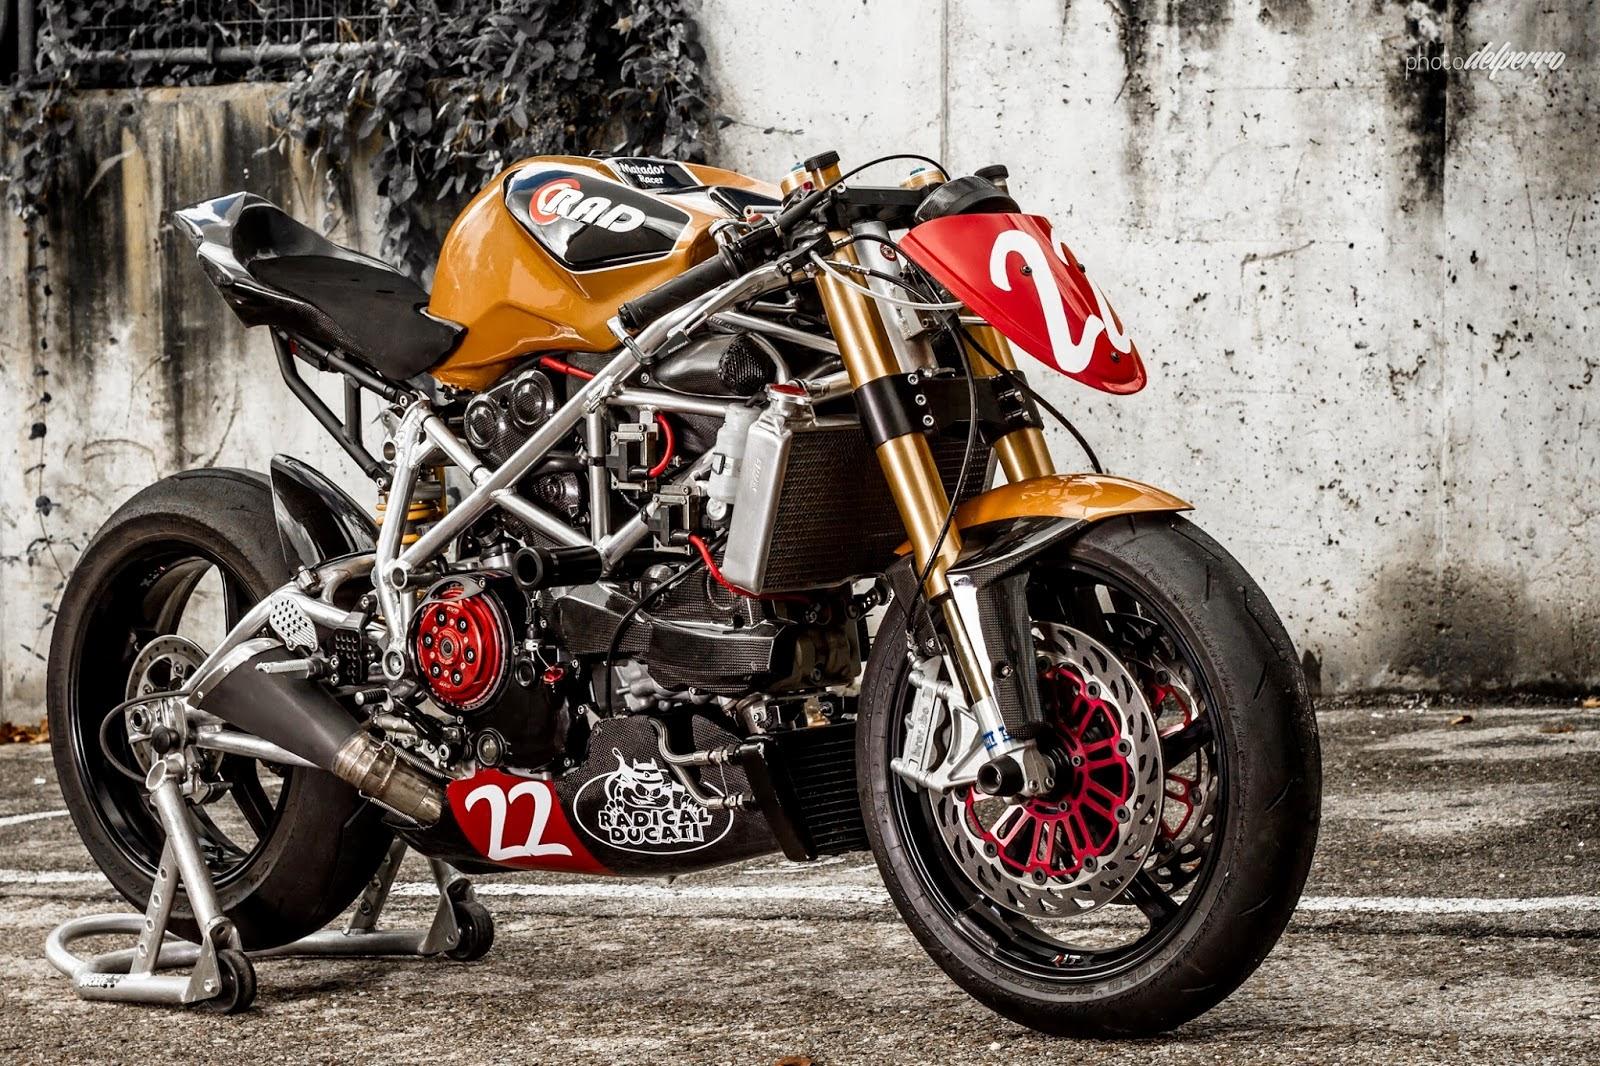 Racing Caf U00e8  Ducati  U0026quot Matador Racer U0026quot  2013 By Radical Ducati